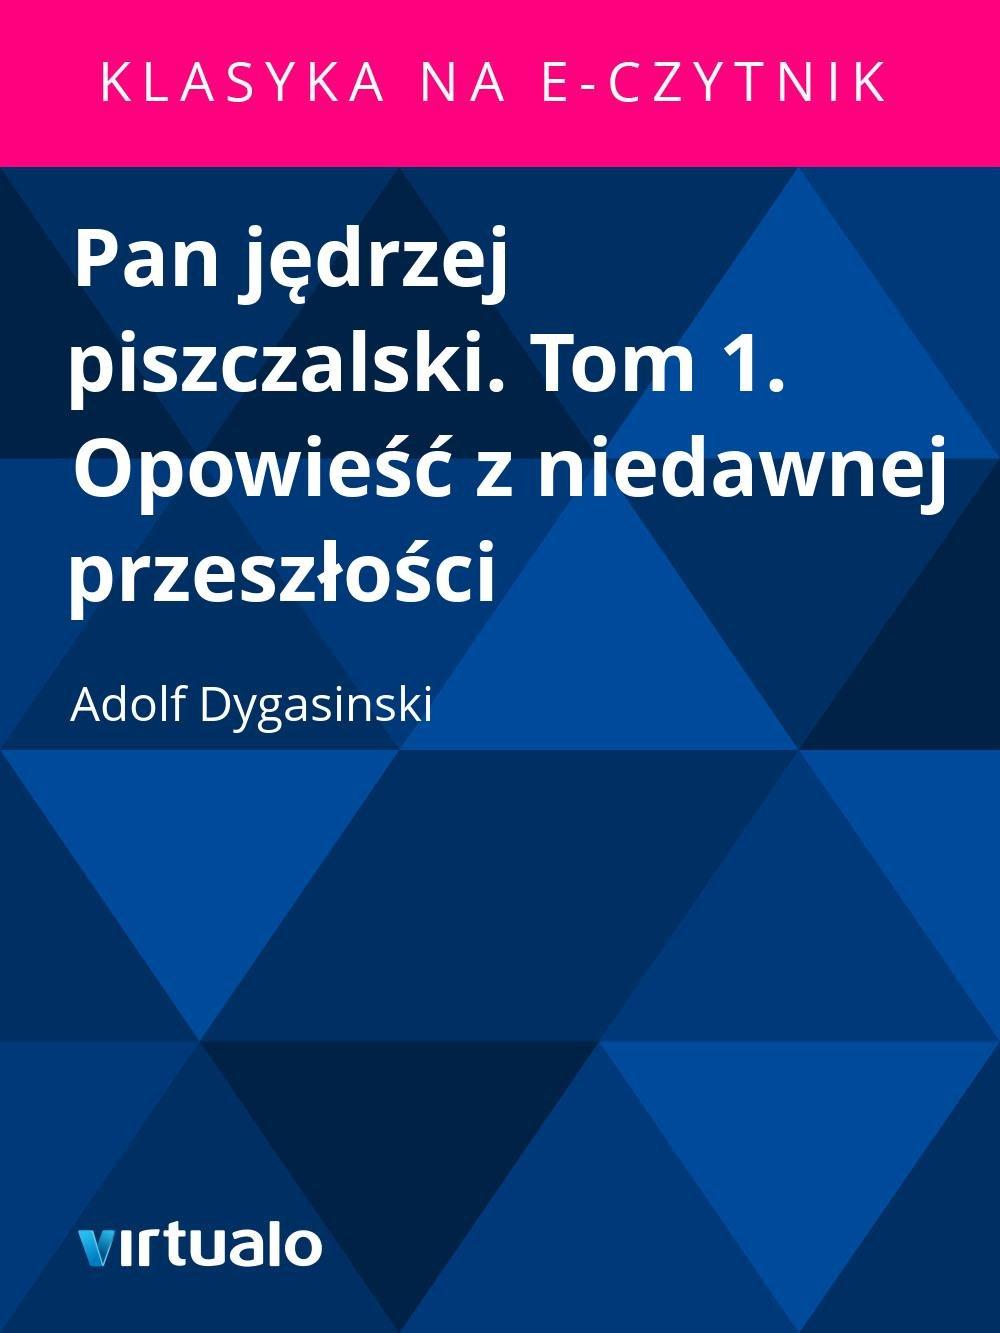 Pan jędrzej piszczalski. Tom 1. Opowieść z niedawnej przeszłości - Ebook (Książka EPUB) do pobrania w formacie EPUB